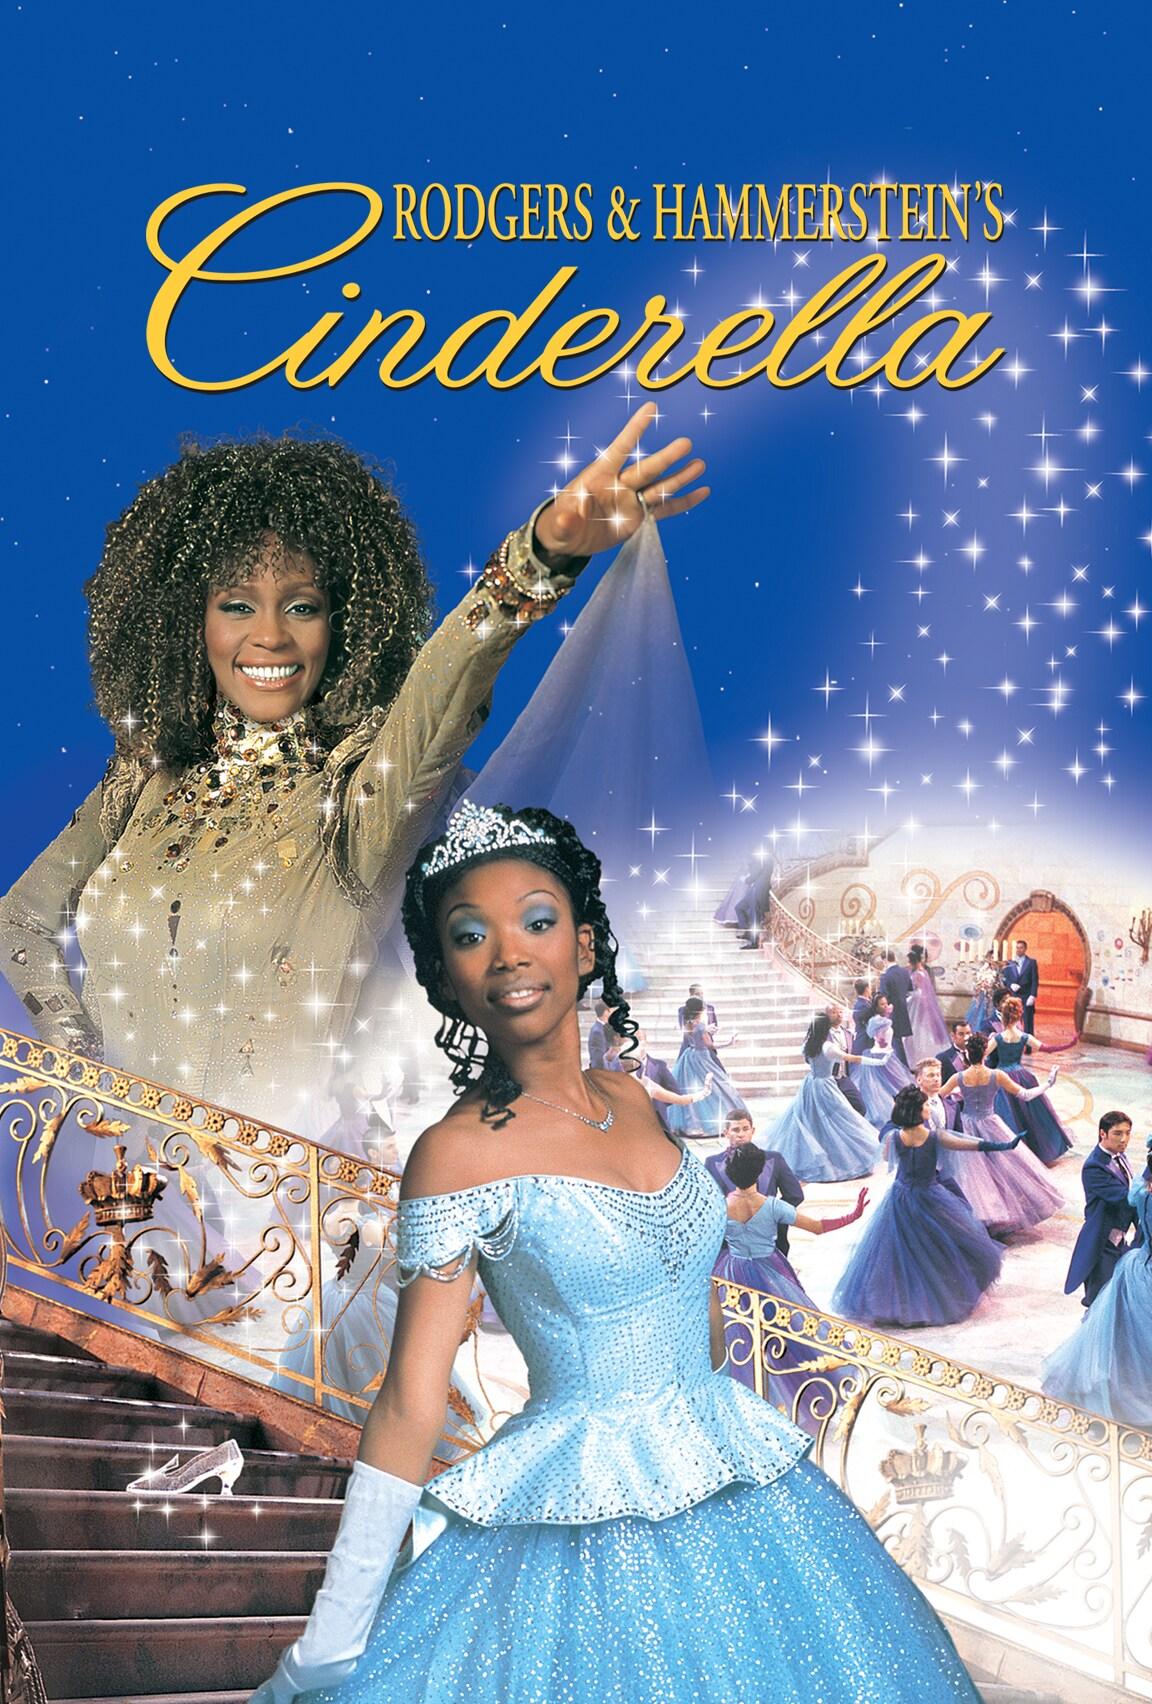 Rodgers & Hammerstein's Cinderella on Disney Plus